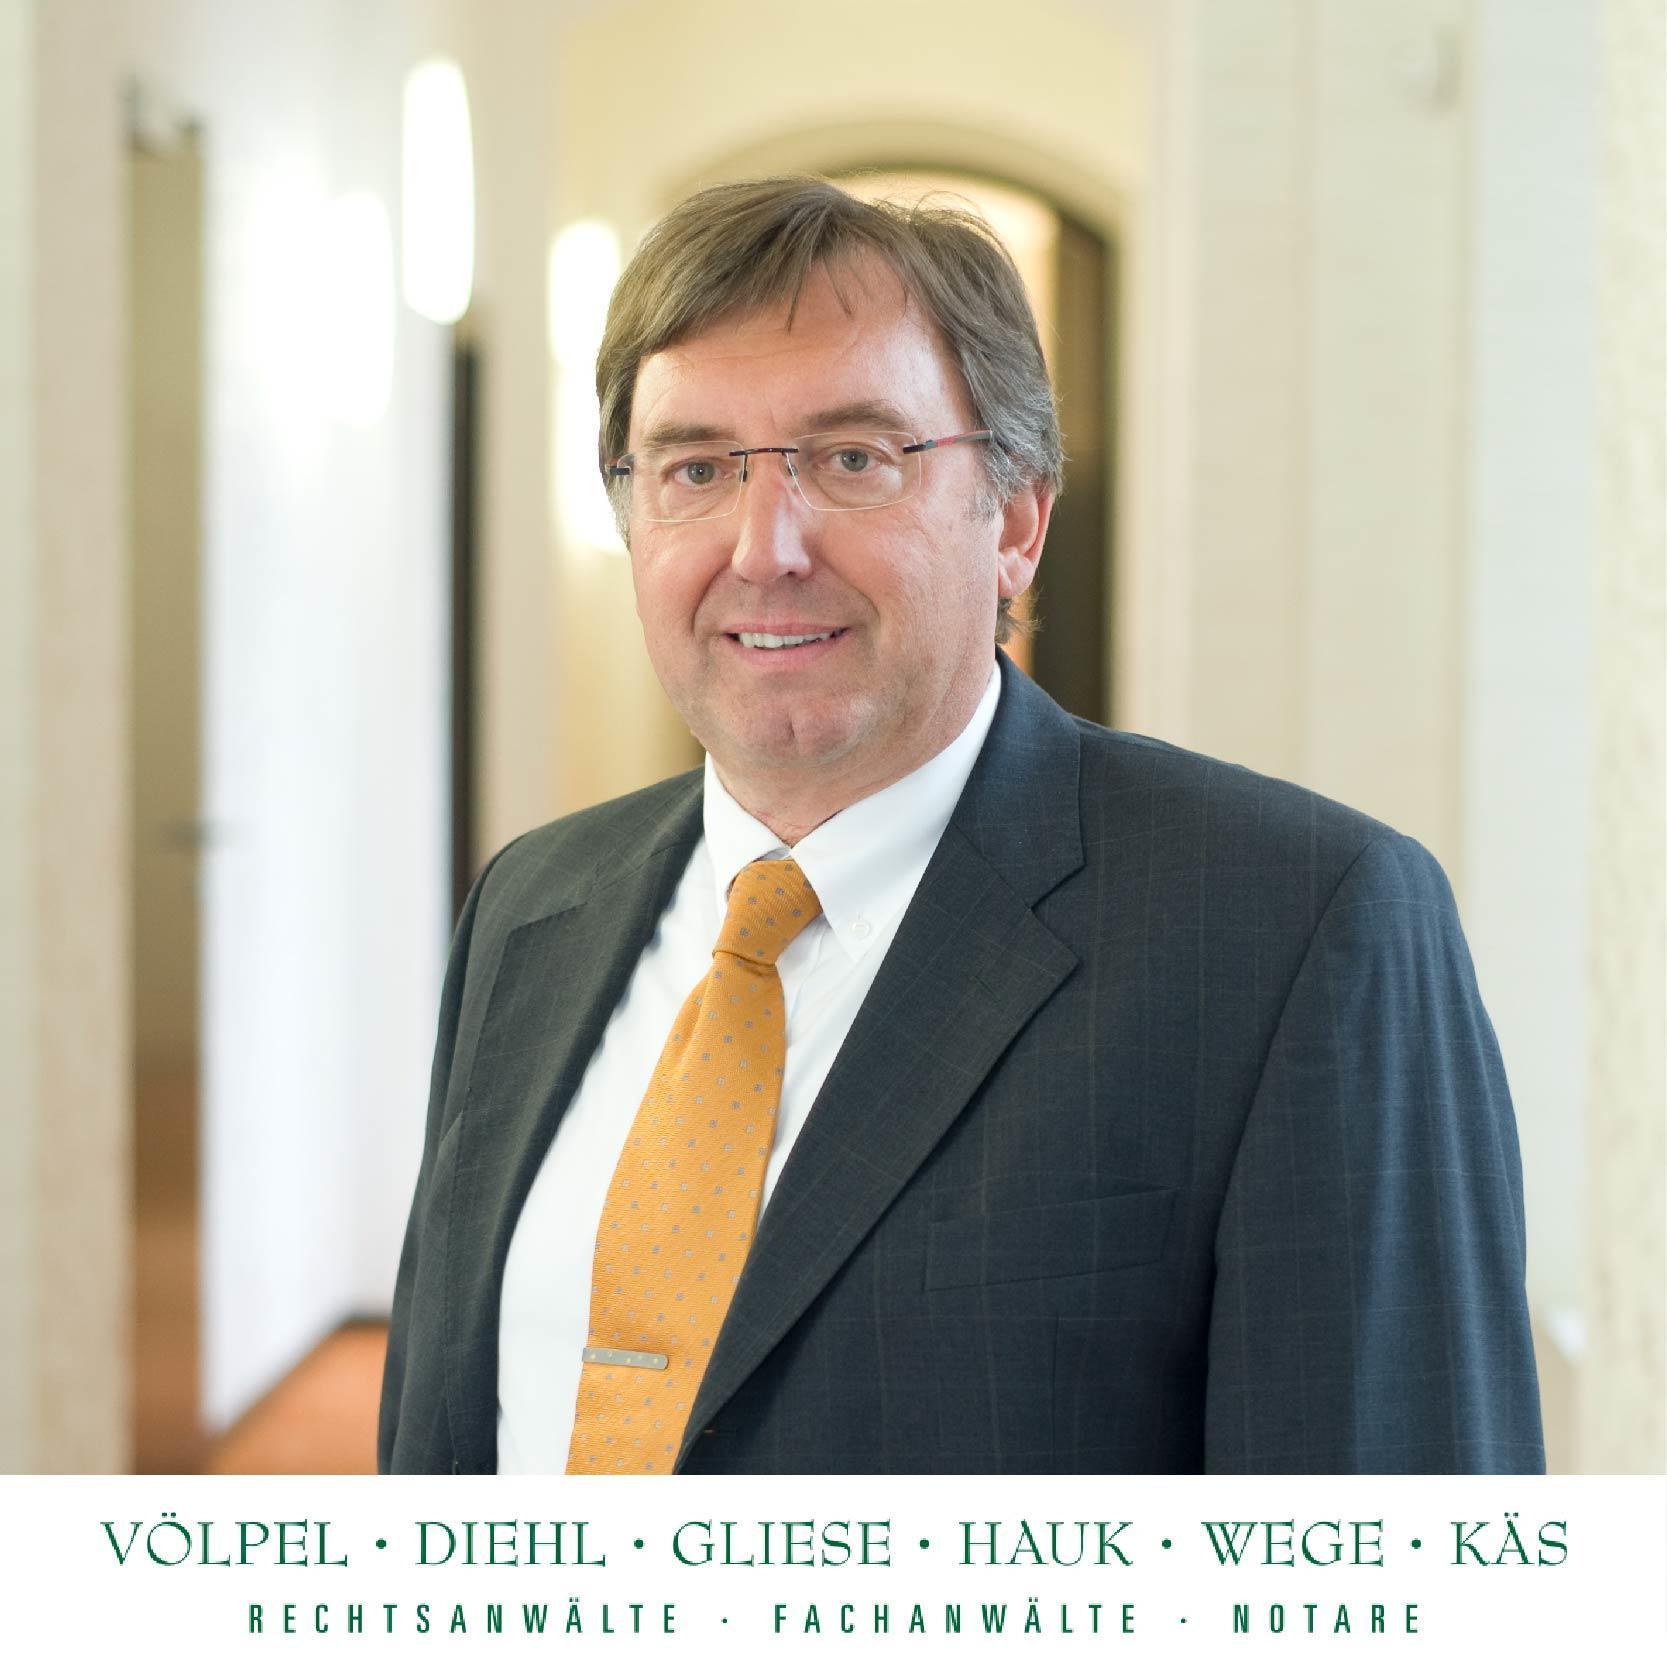 Rechtsanwalt & Notar Bernd Völpel - Sozietät Völpel & Kollegen